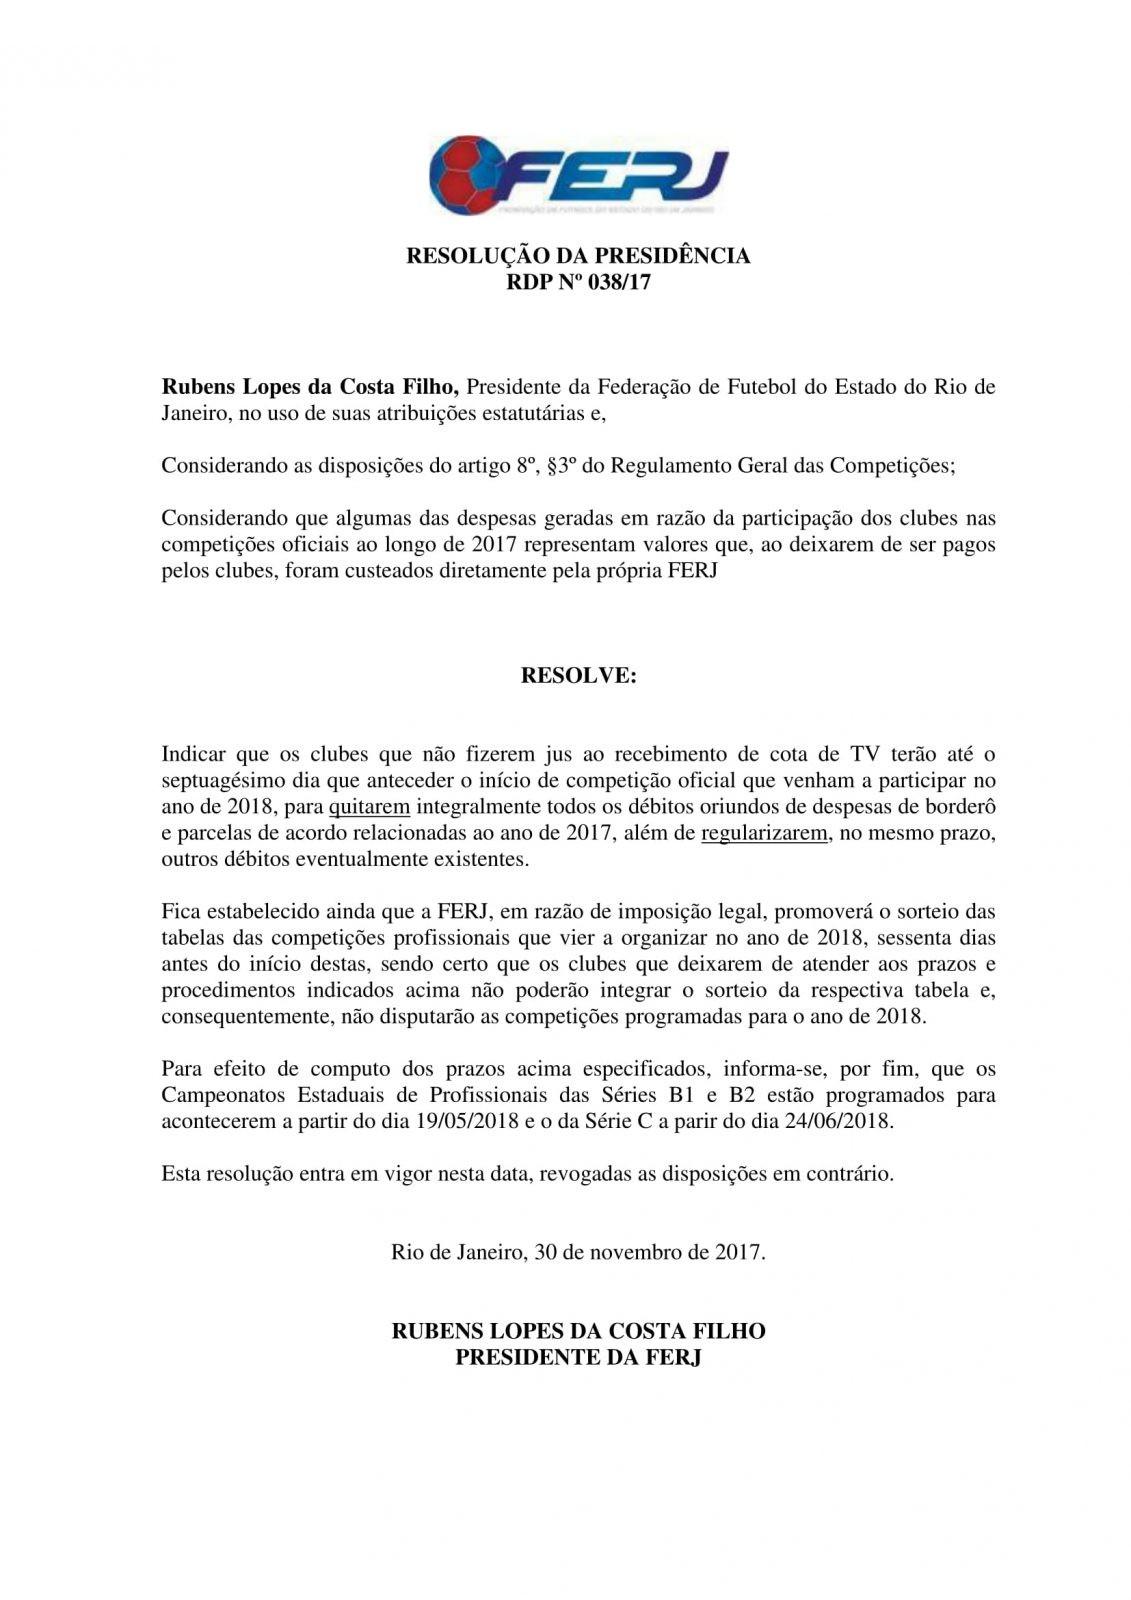 Resolu+â-º+â-úo da Presid+â-¬ncia n. 038_2017 - Quita+â-º+â-úo e Regulariza+â-º+â-úo de D+â-®bitos para Disputa dos Campeonatos de 2018-1